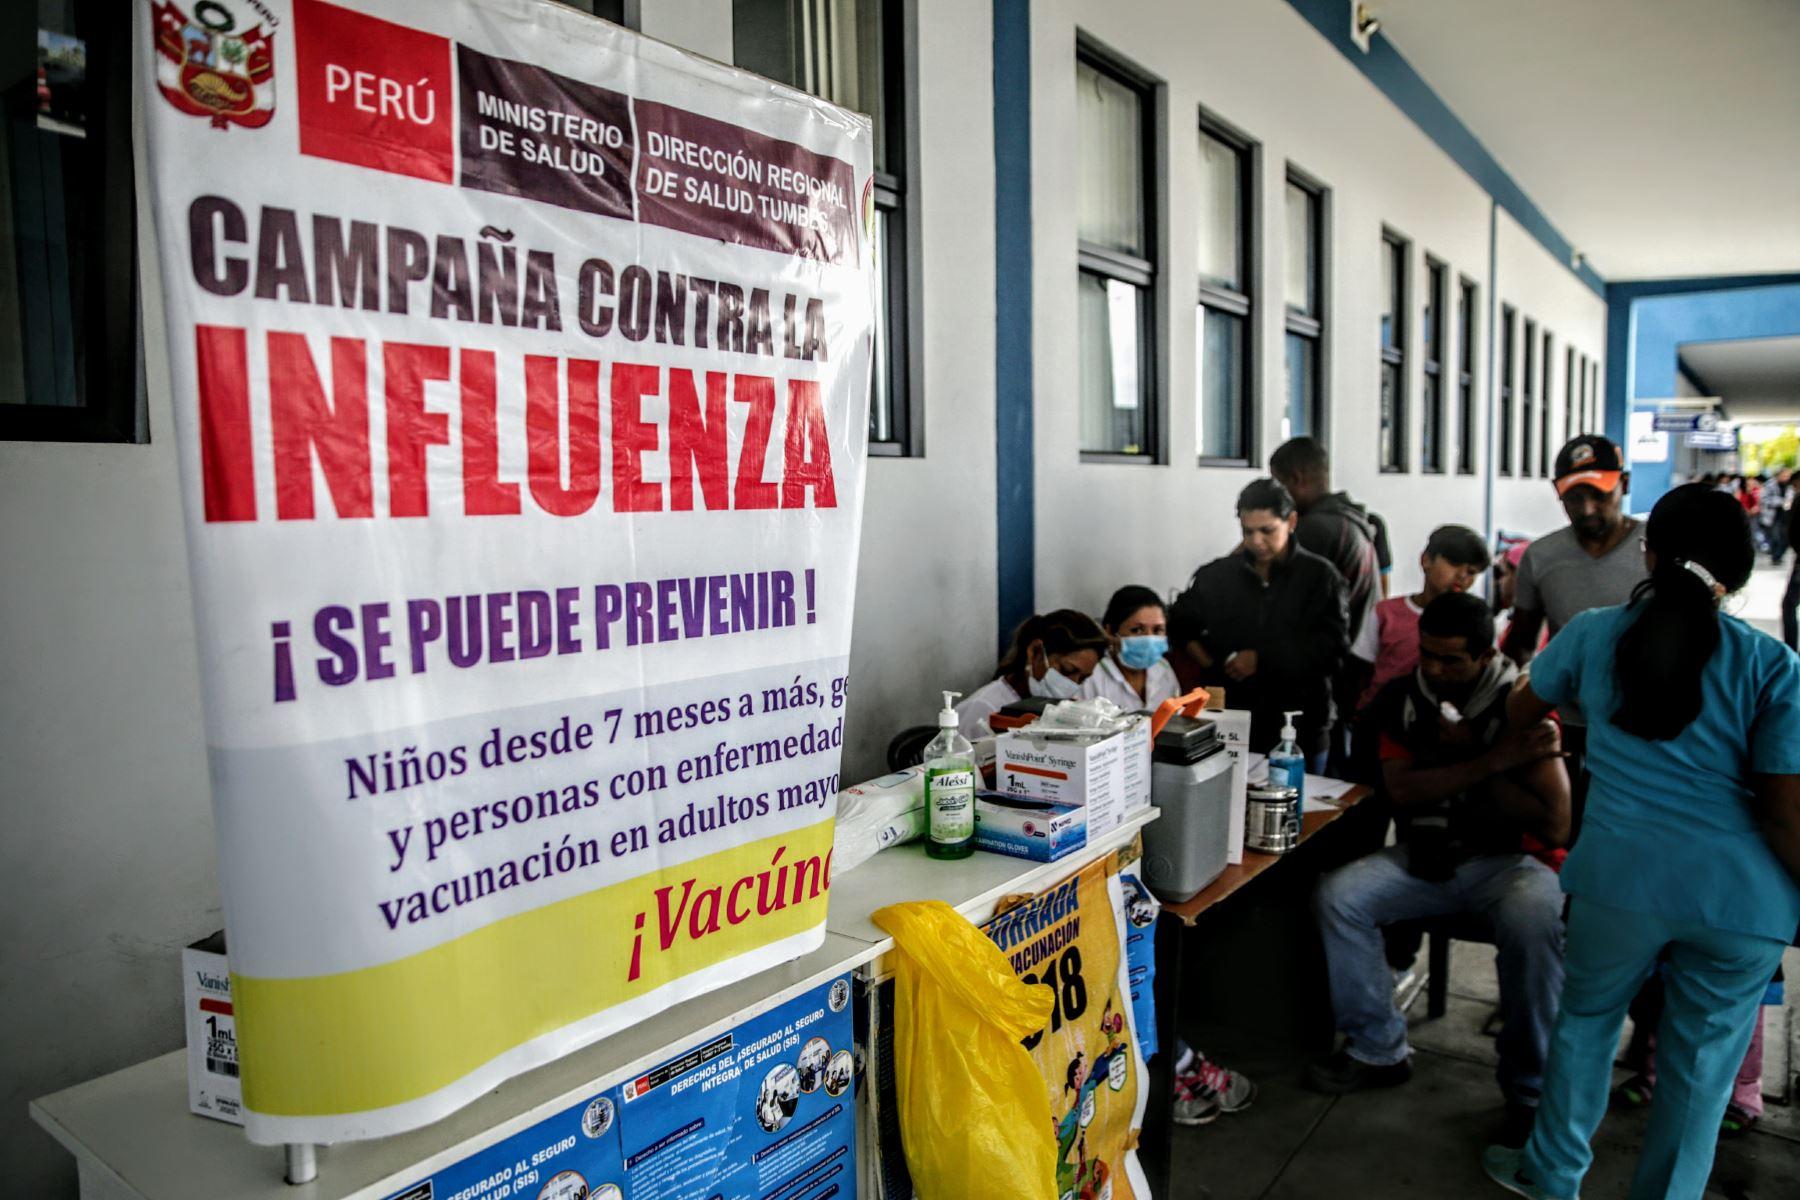 El Ministerio de Salud (Minsa) viene inmunizando de forma gratuita contra la influenza o gripe estacional a los ciudadanos venezolanos luego de tramitar su ingreso al territorio peruano, en el Centro Binacional de Atención Fronteriza (CEBAF) de Tumbes, ubicado en la frontera con Ecuador. ANDINA/Luis Iparraguirre